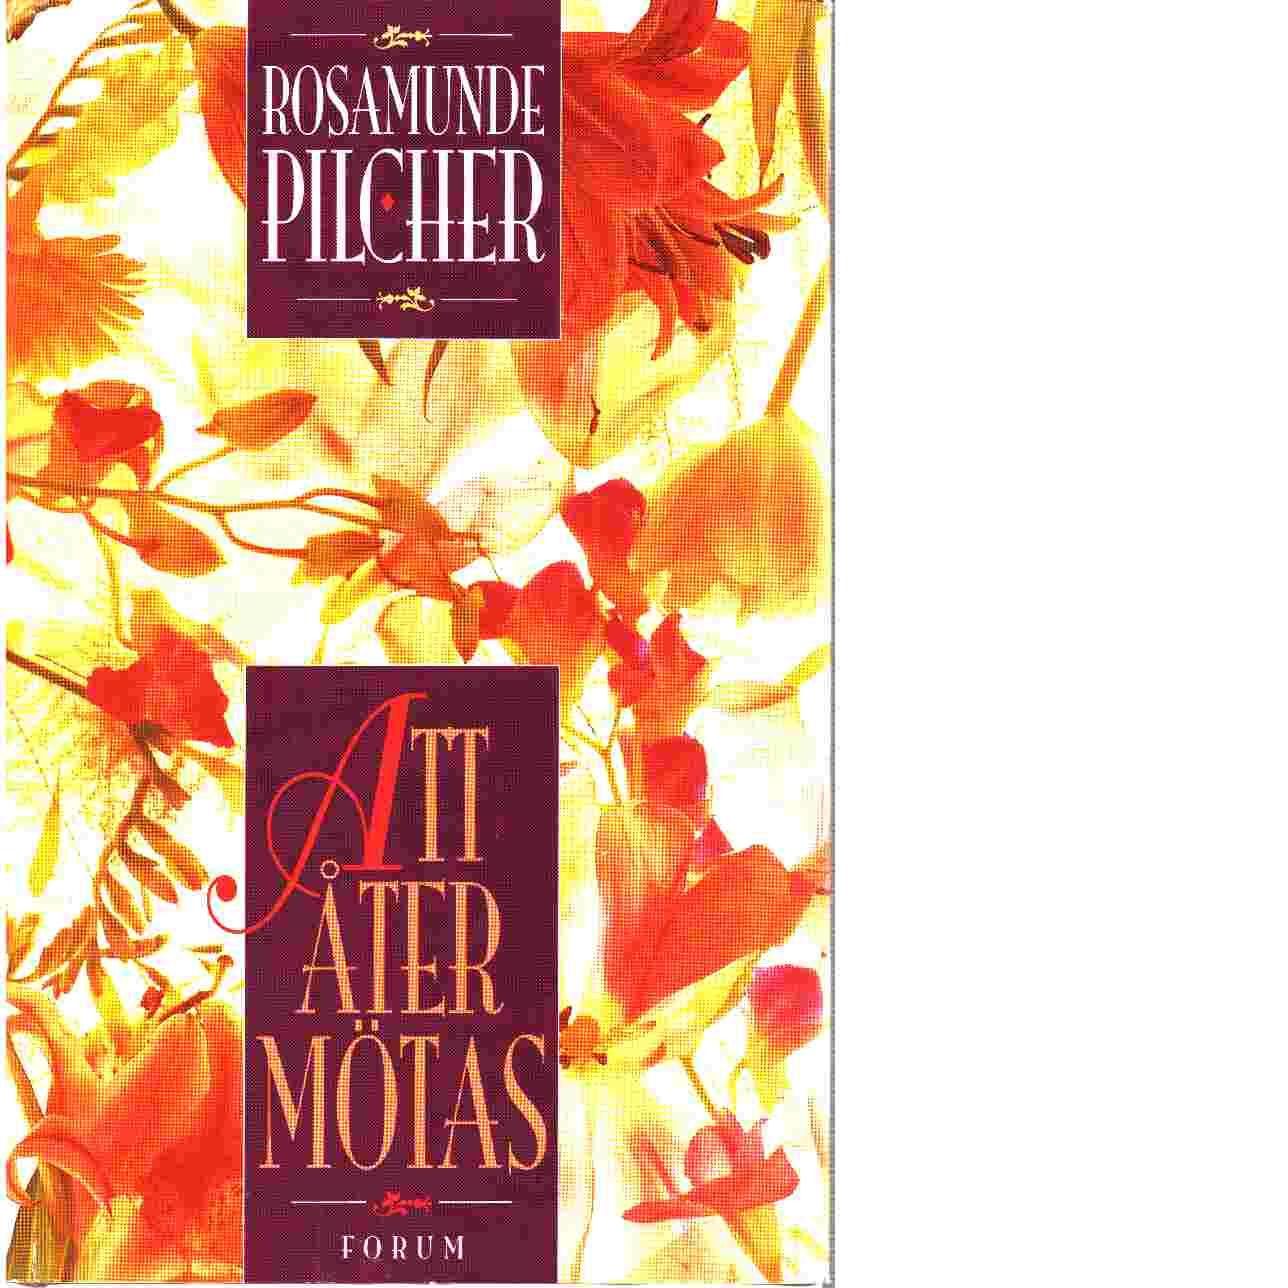 Att åter mötas - Pilcher, Rosamunde